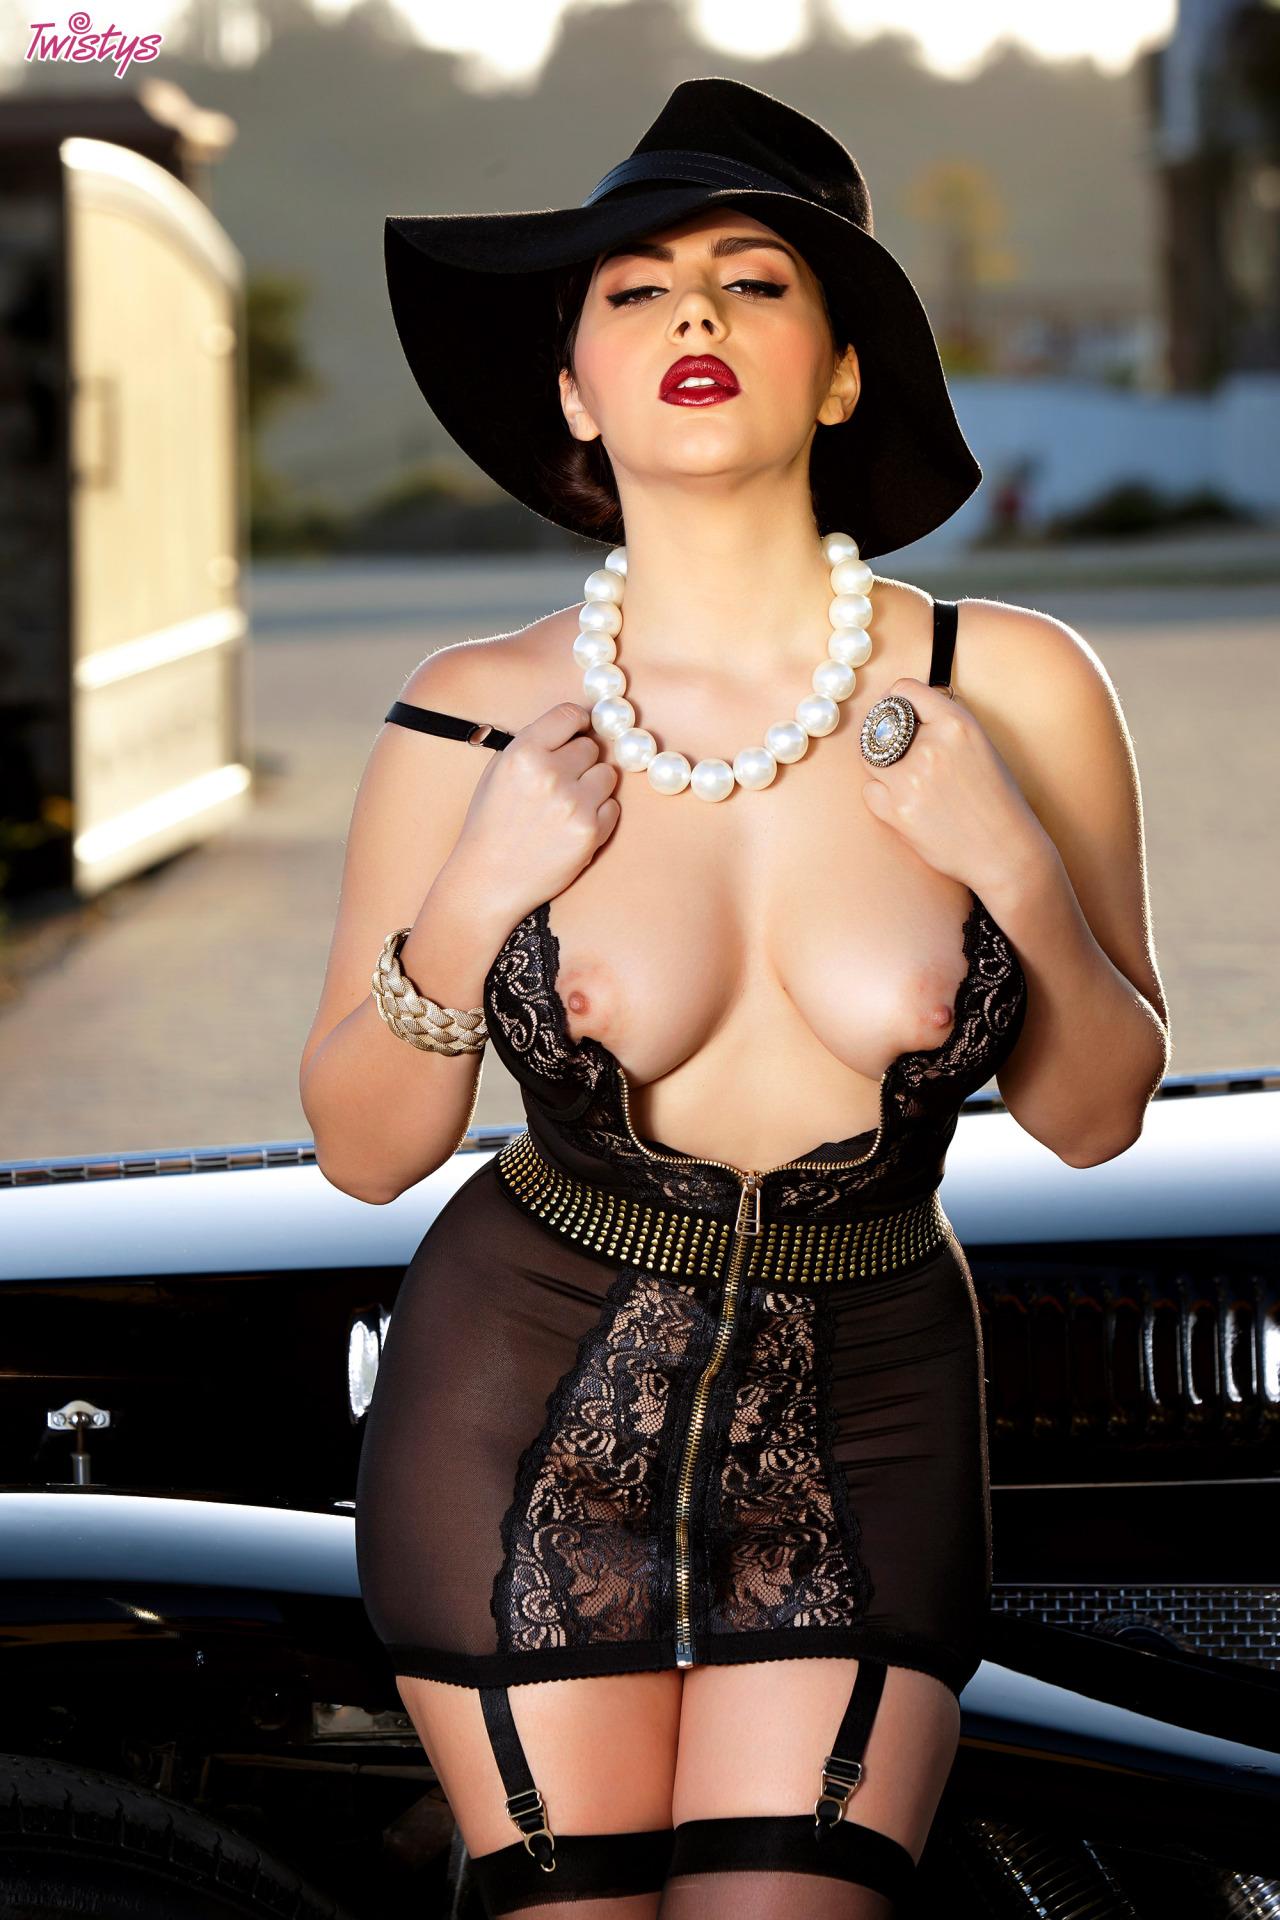 Valentina Nappi For Twistys 5